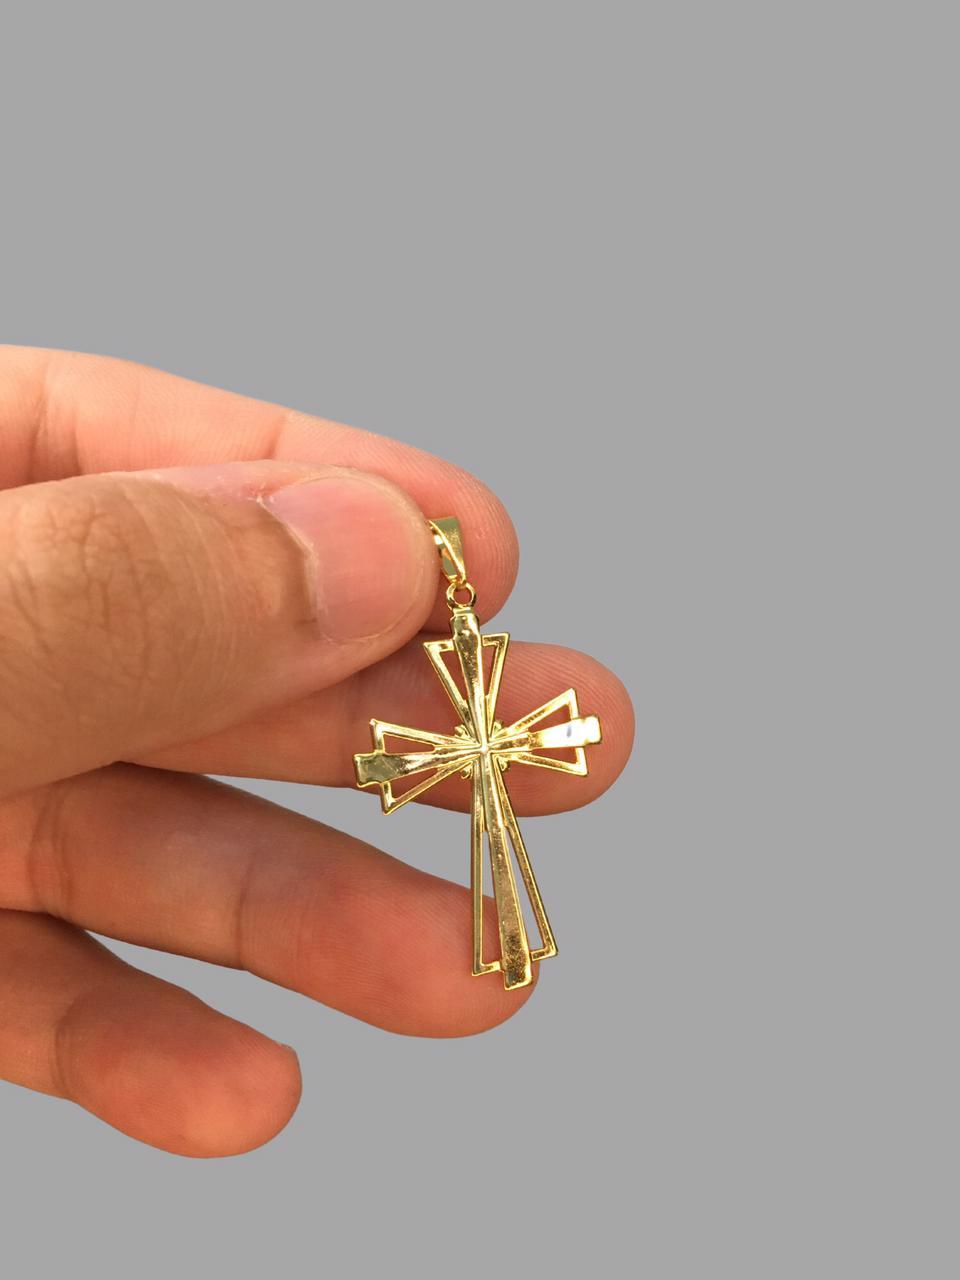 Pingente crucifixo - Detalhes vazados - banhado a ouro 18k